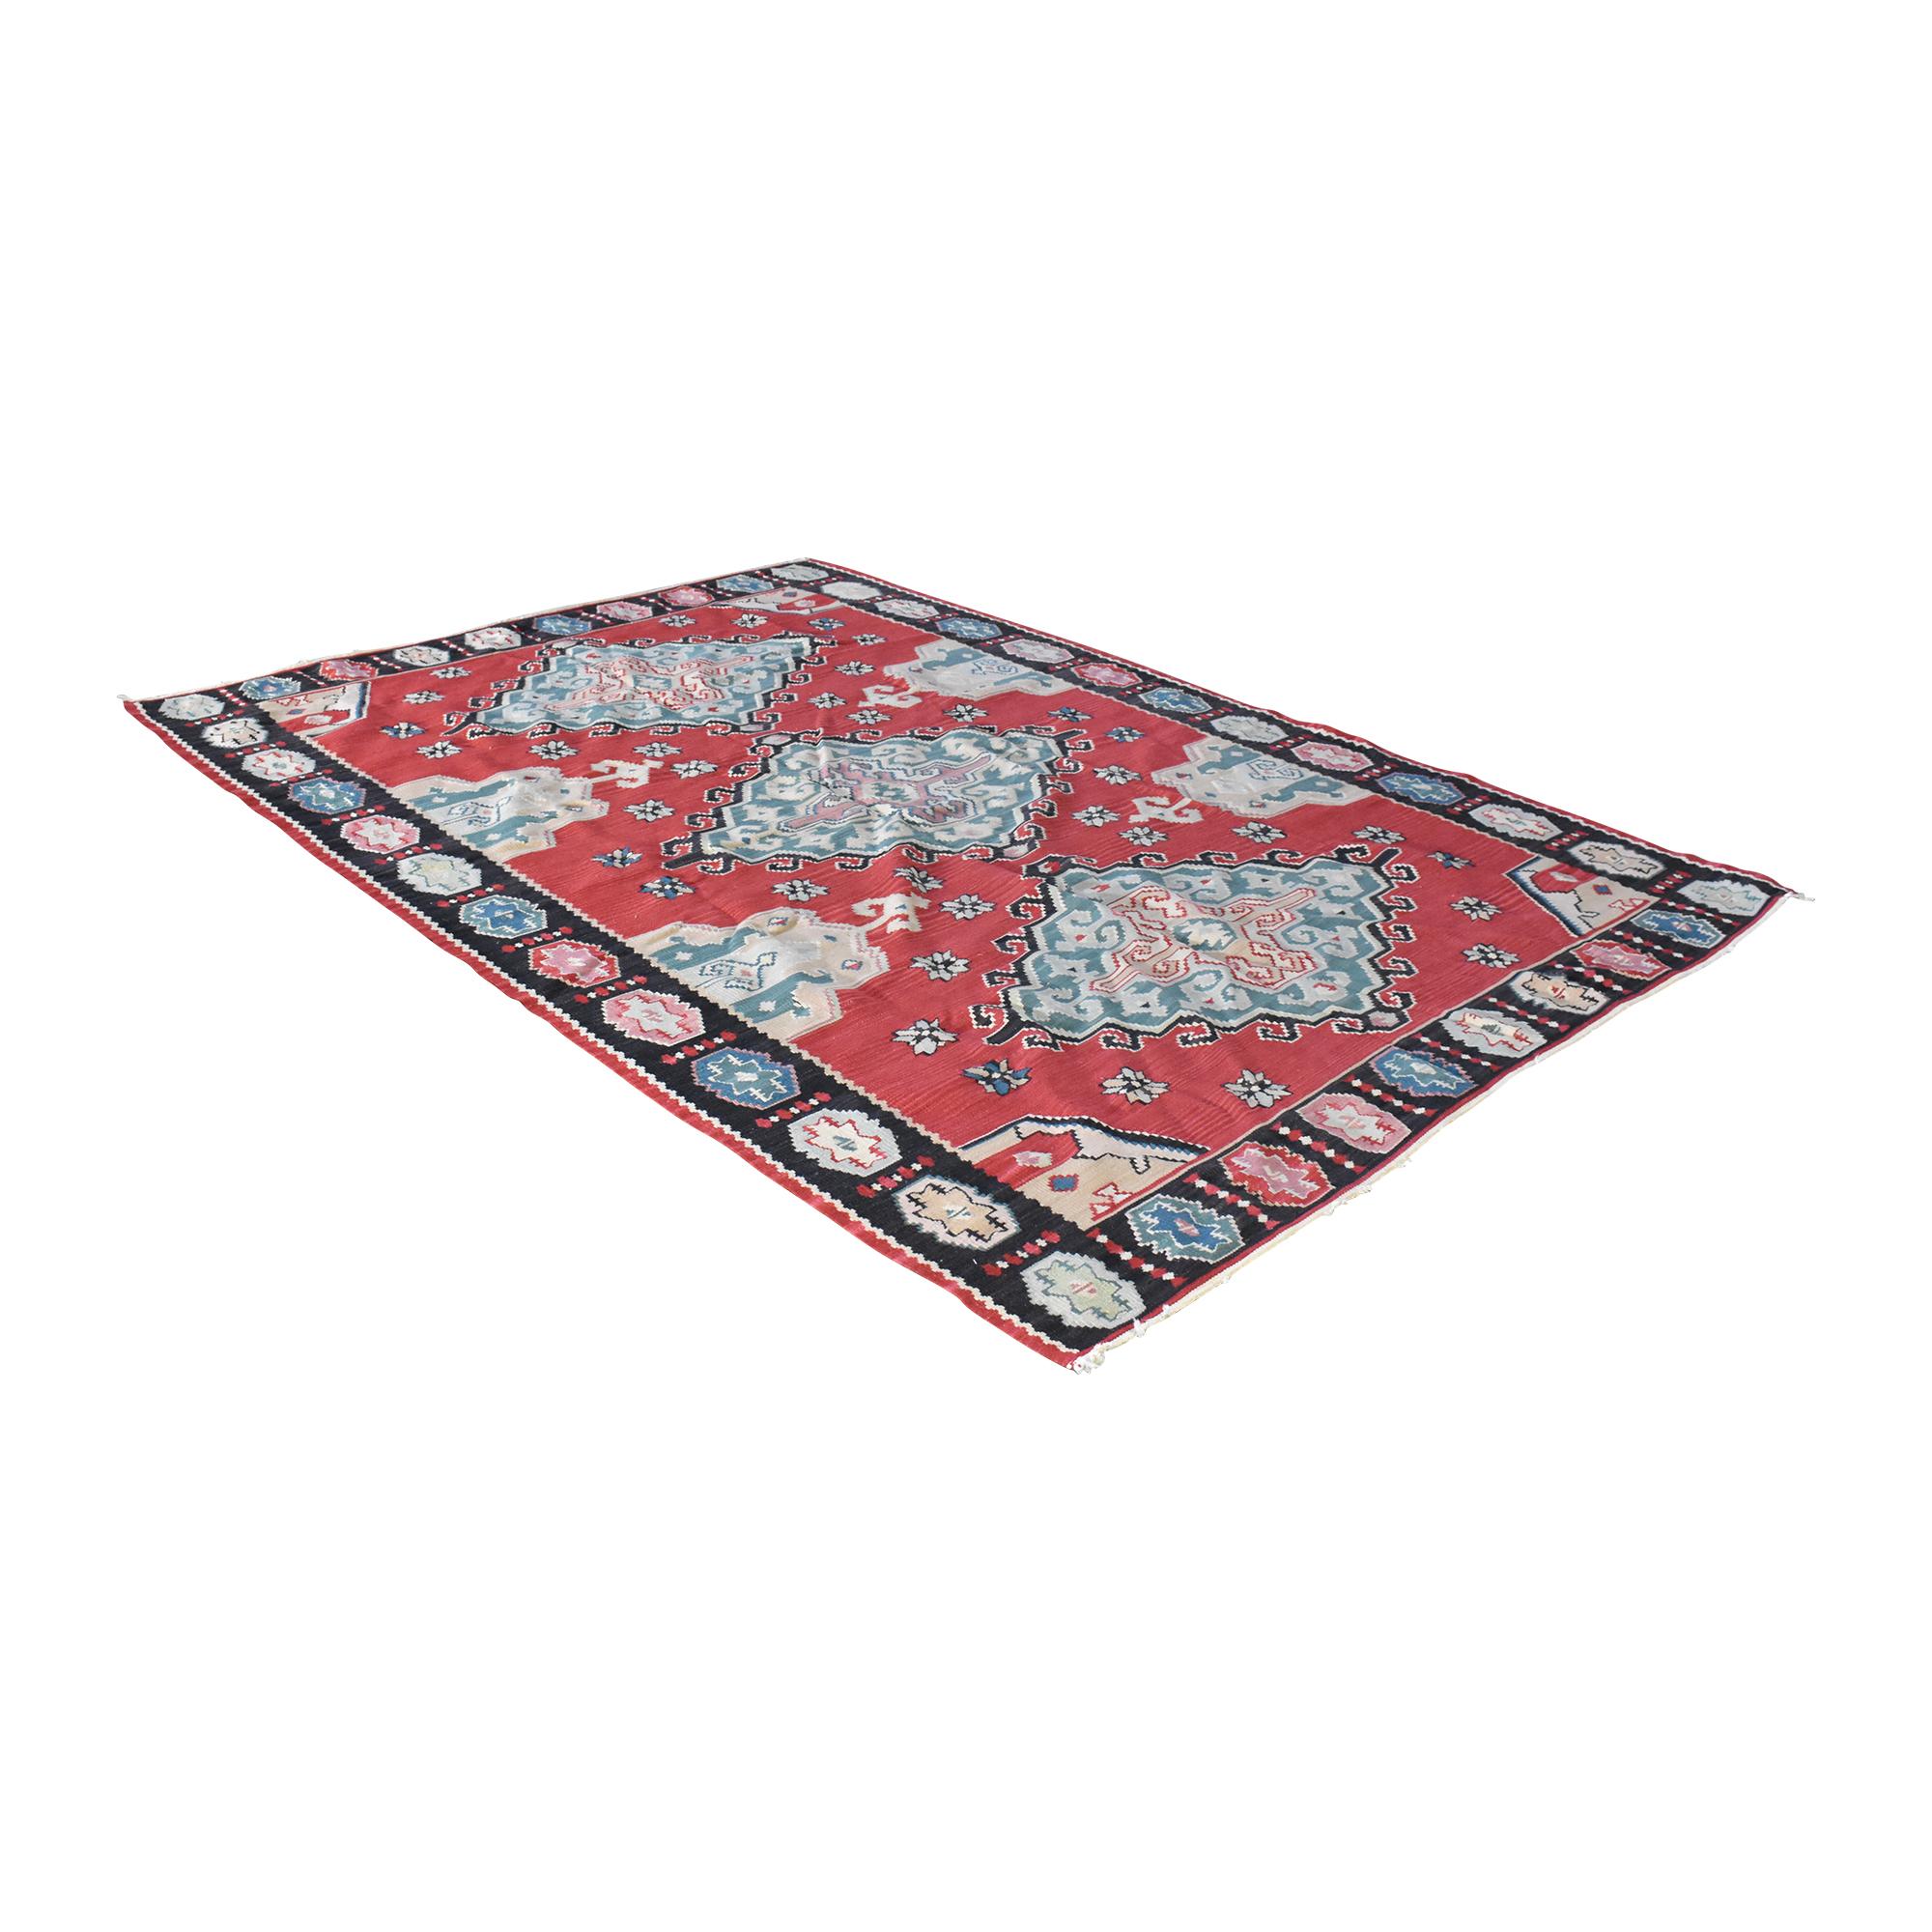 ABC Carpet & Home ABC Carpet & Home Turkish Kilim Area Rug ma